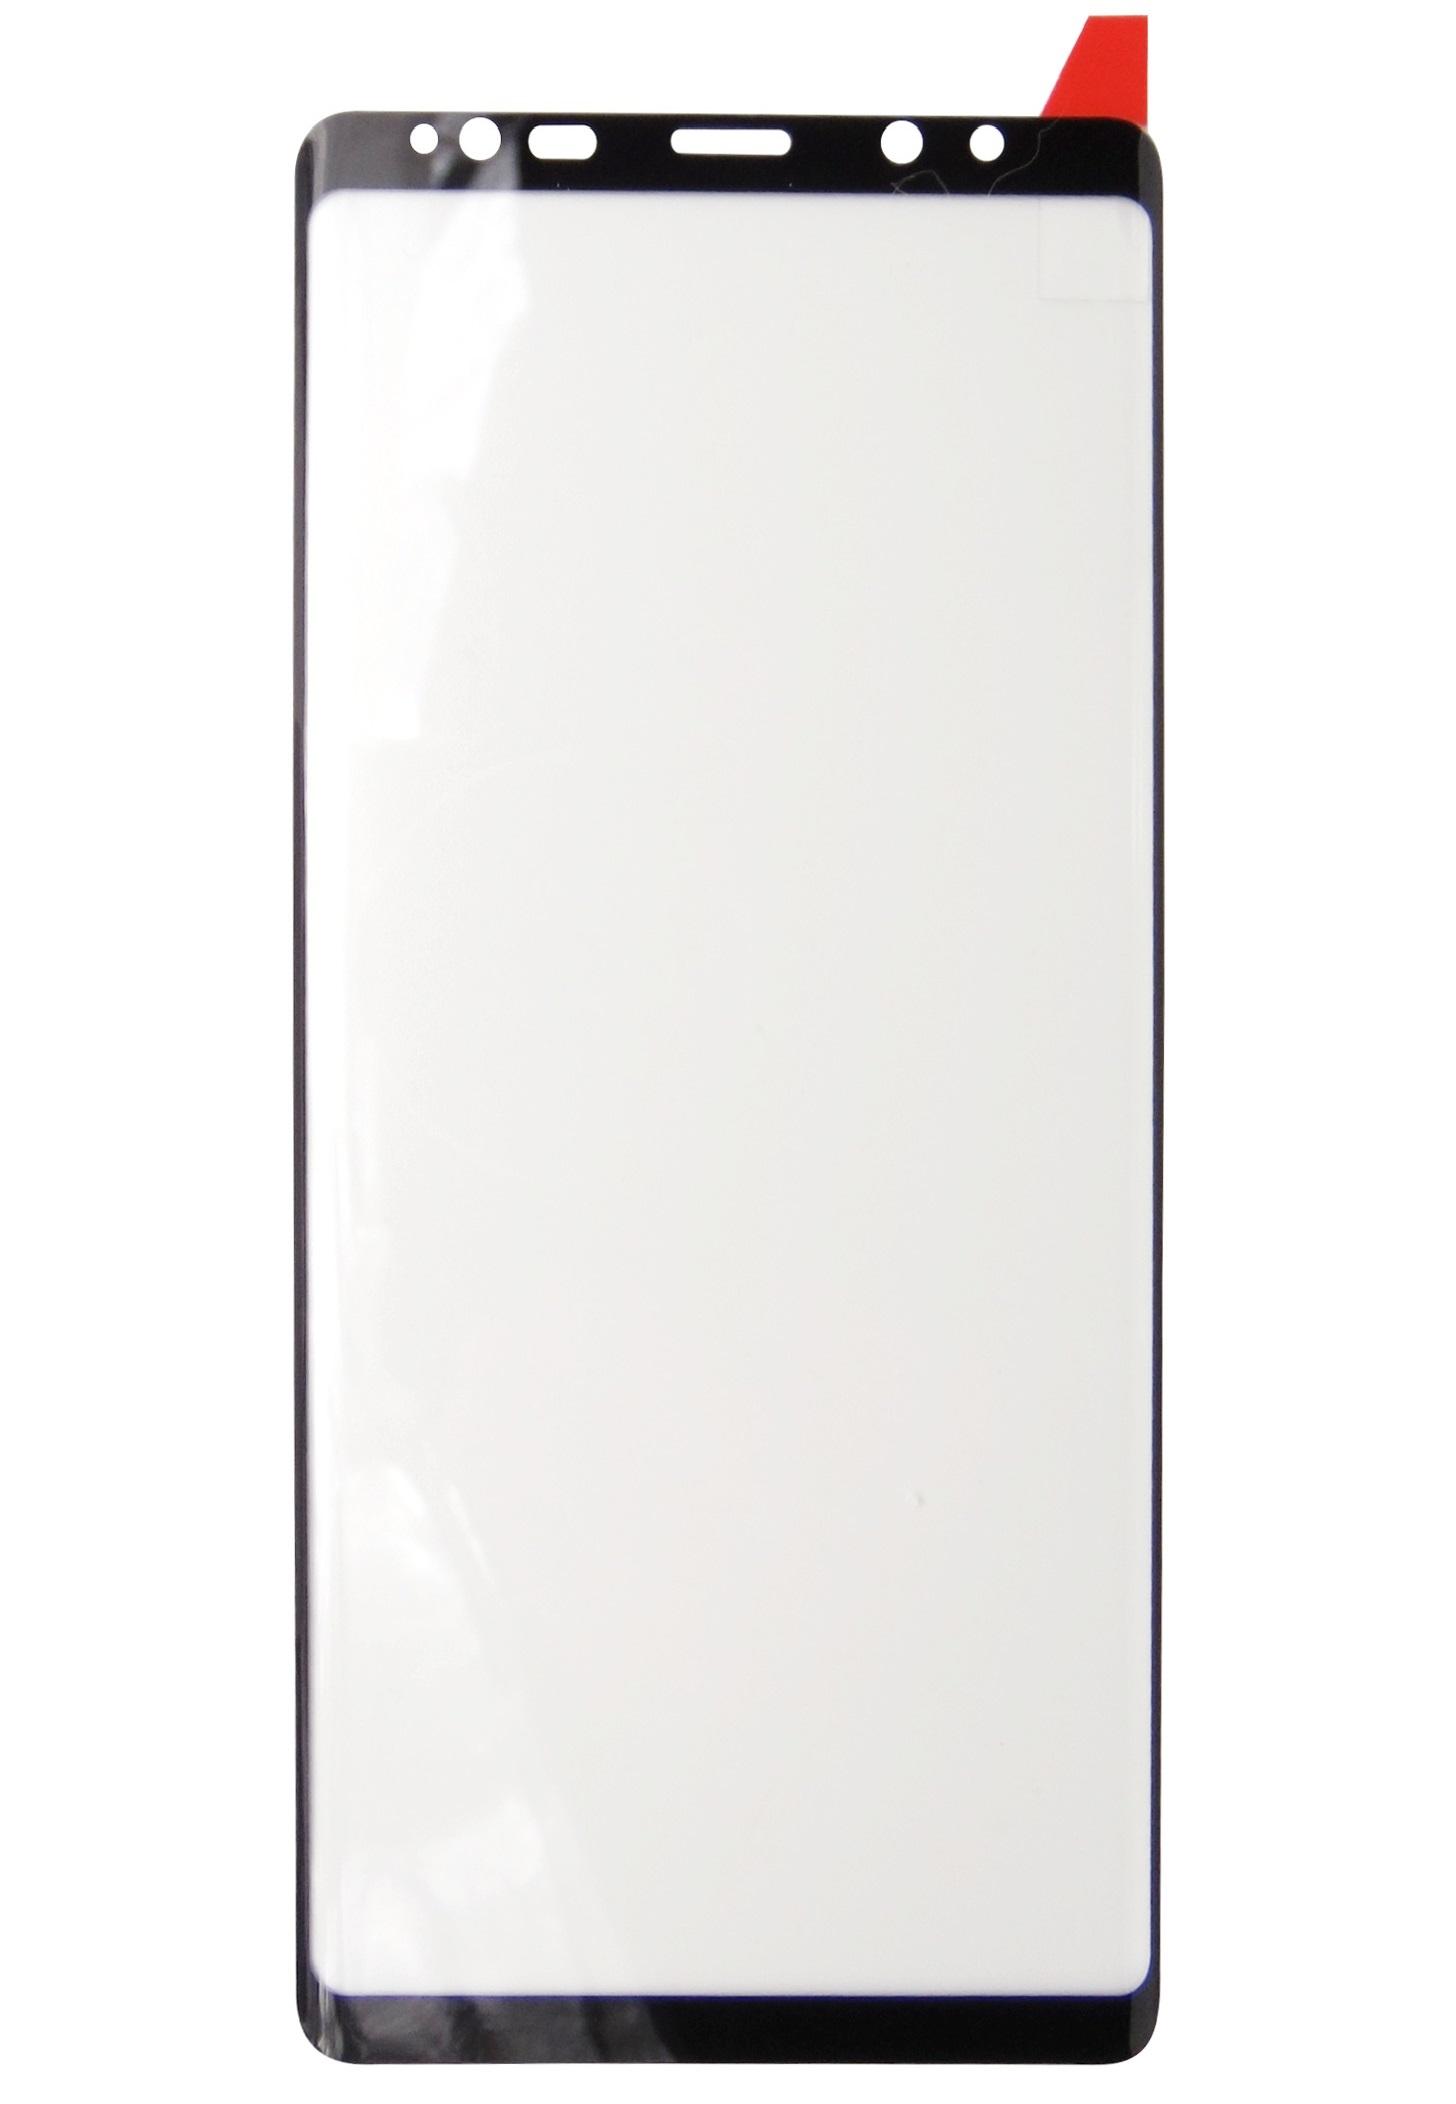 Folie sticla protectie ecran Full Glue margini negre pentru Samsung Galaxy Note 8 (SM-N950)